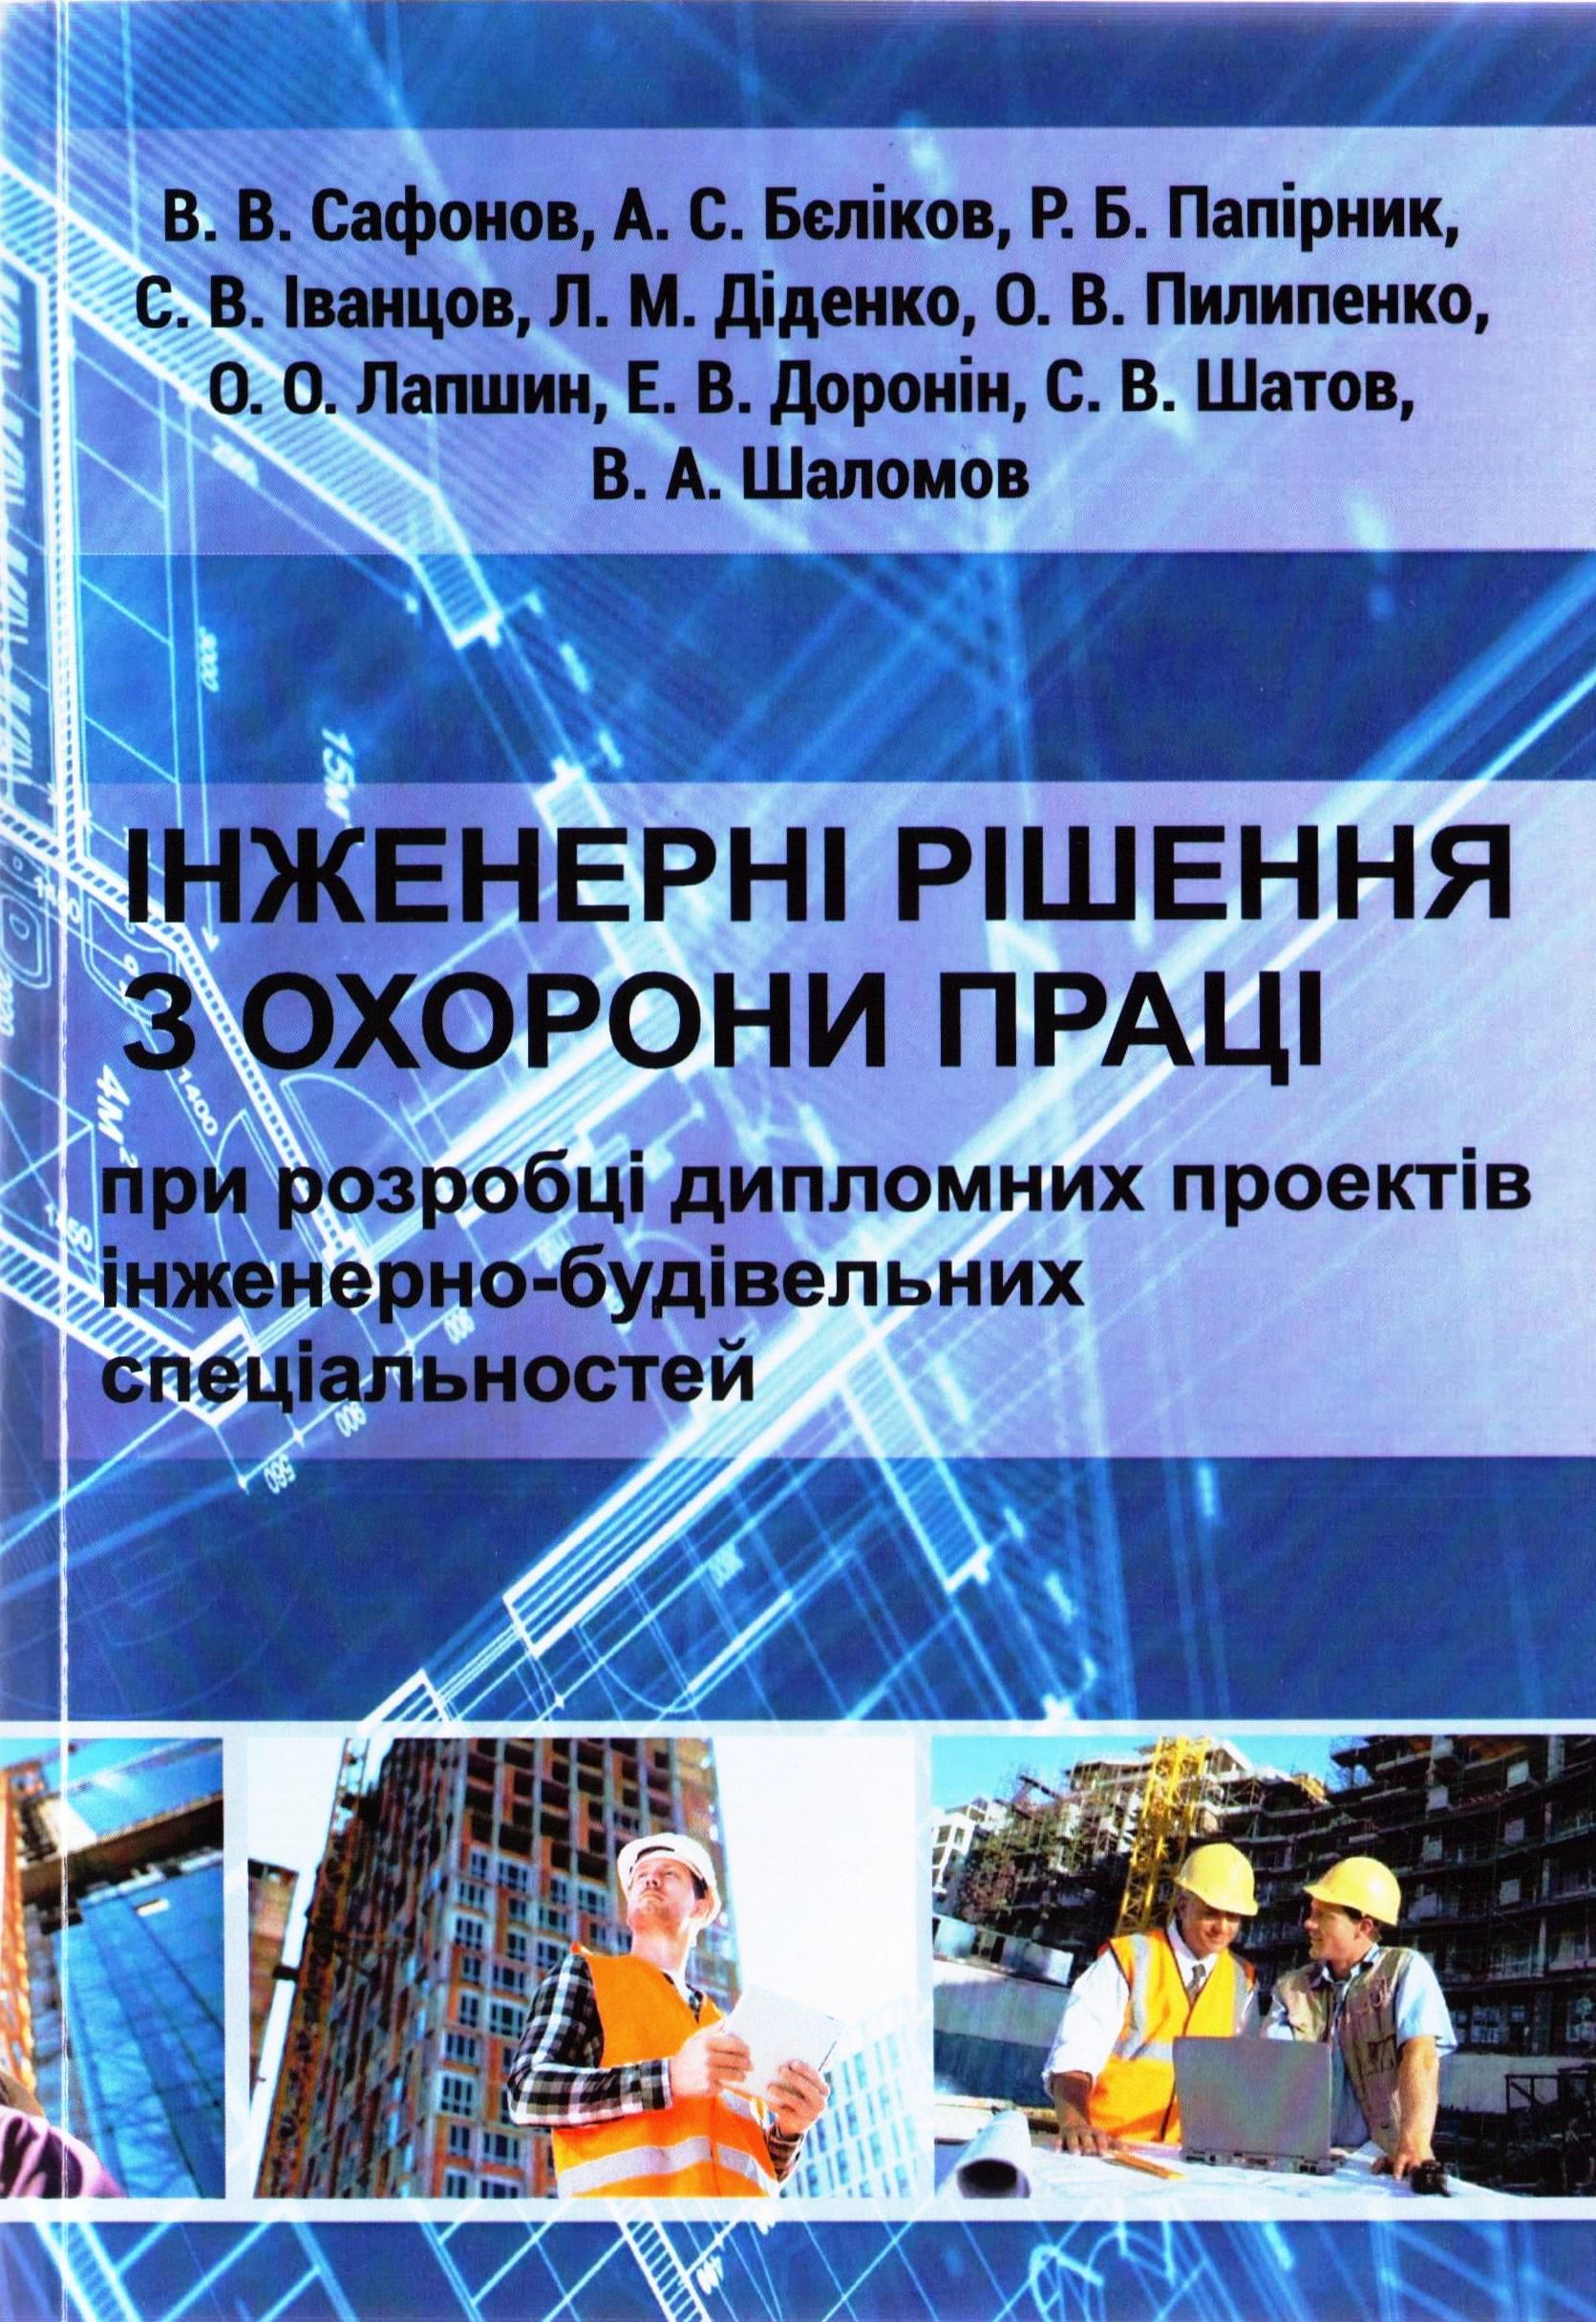 Інженерні рішення з охорони праці при розробці дипломних проектів інженерно-будівельних спеціальностей.